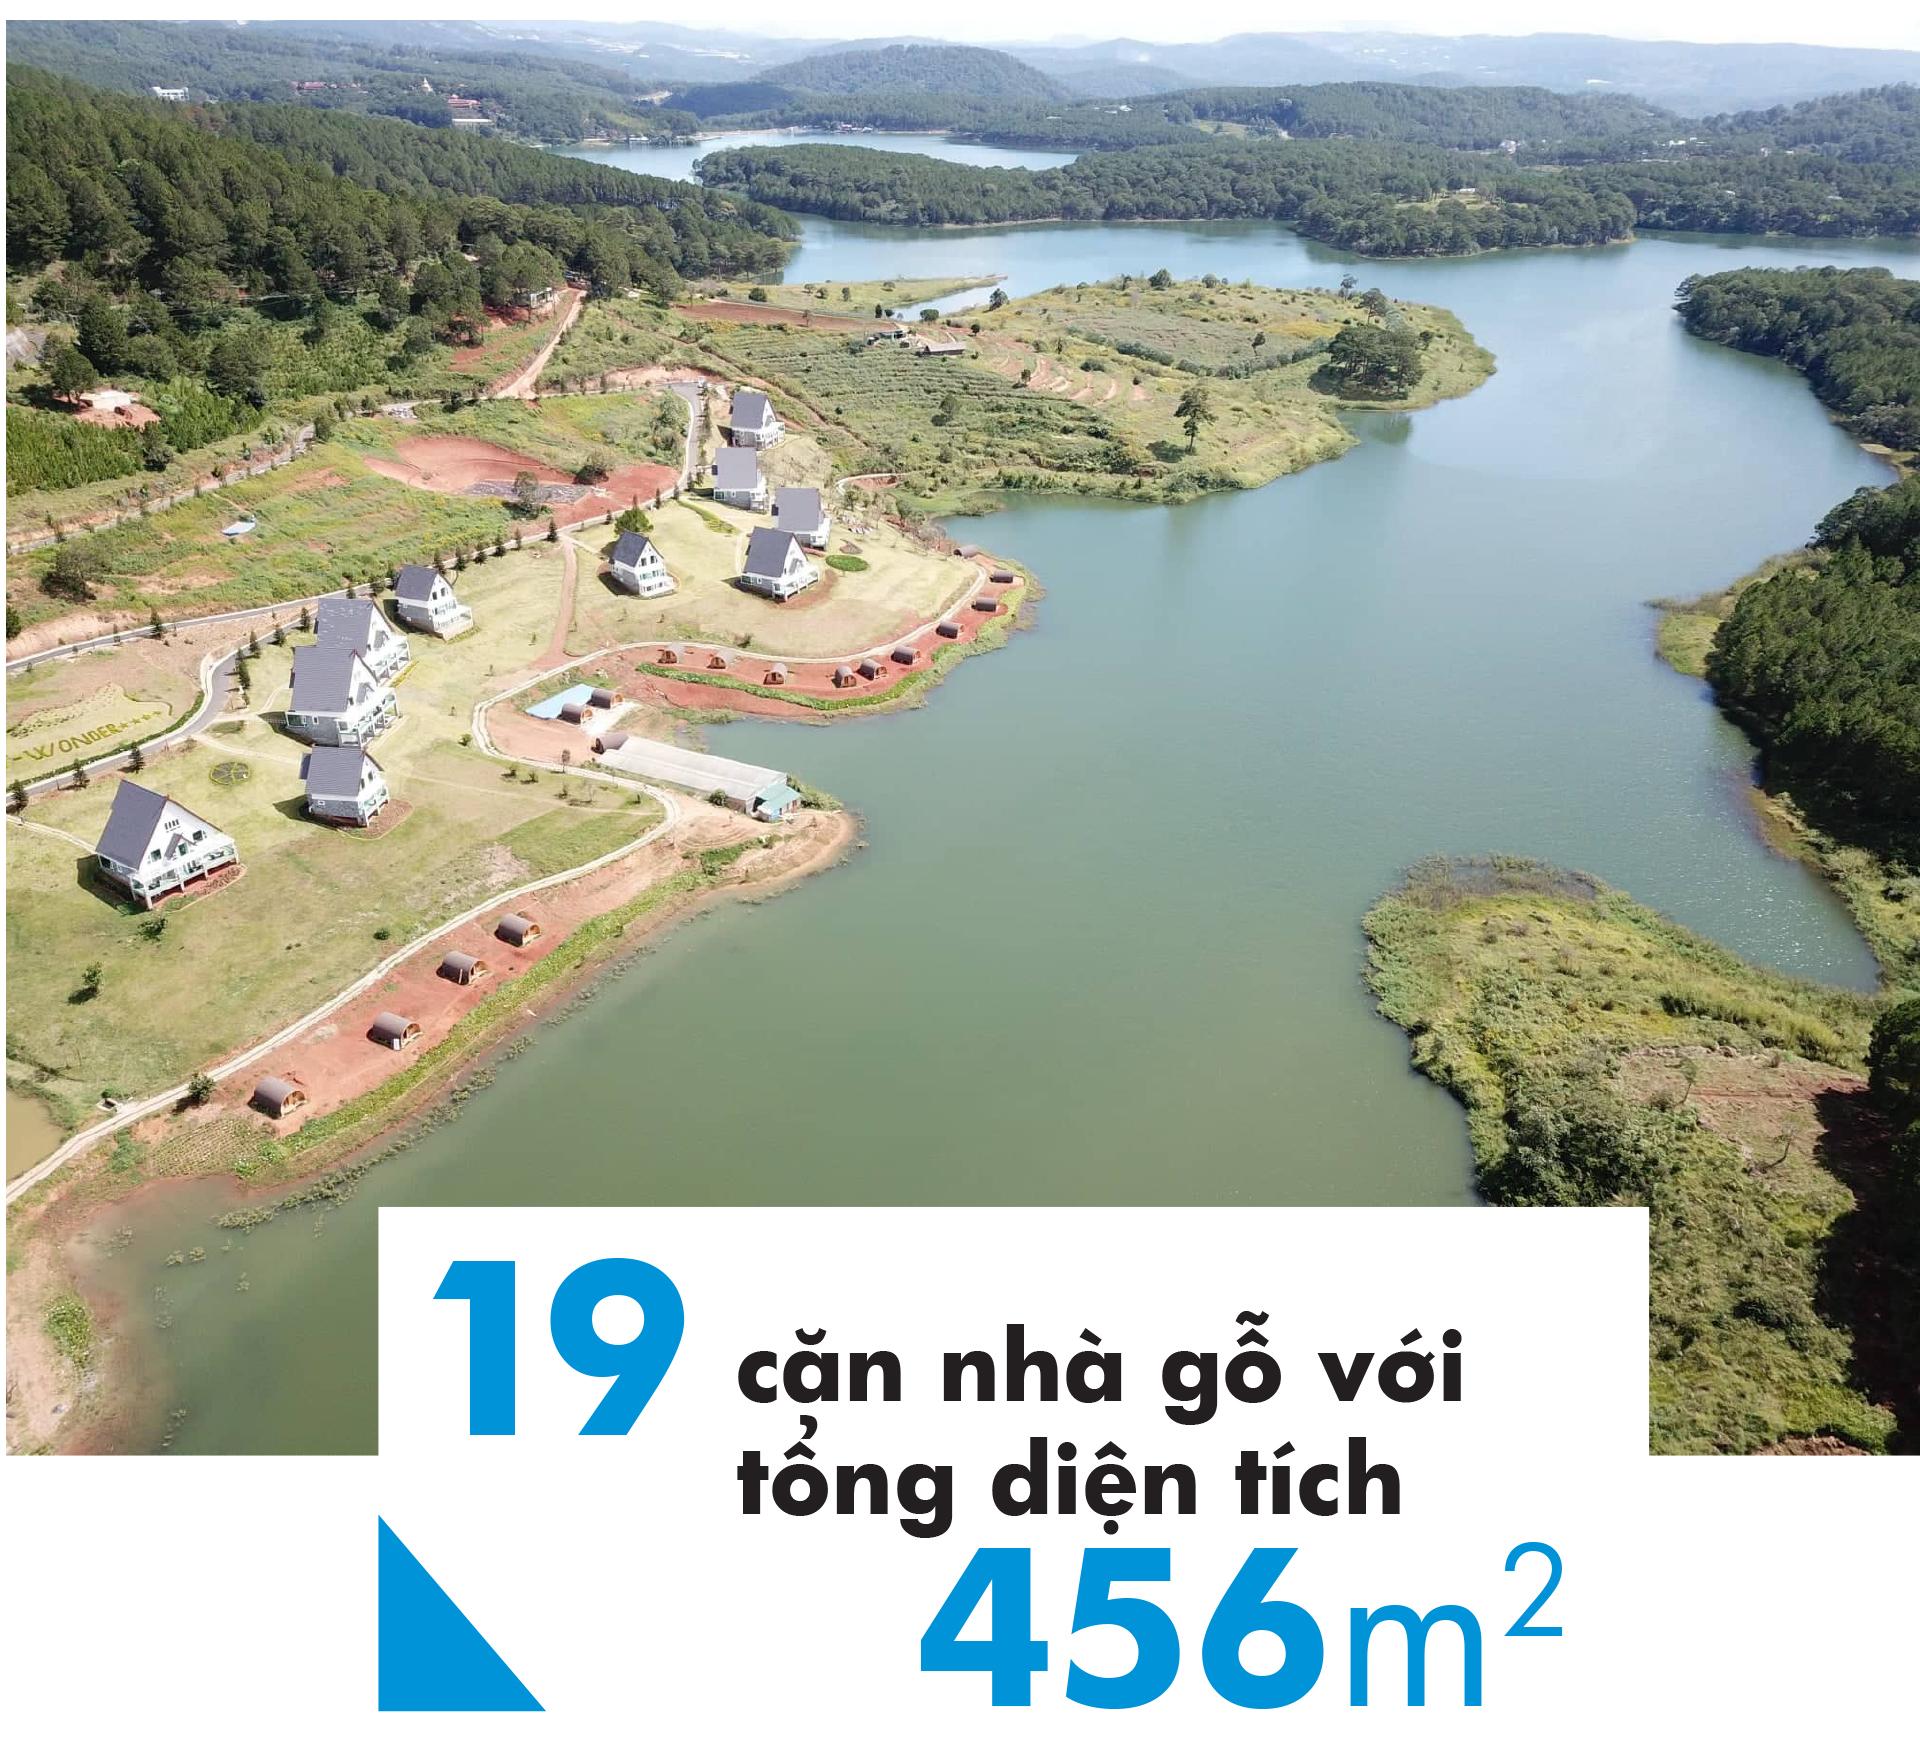 Di tích thắng cảnh quốc gia hồ Tuyền Lâm bị xâm hại như thế nào? ảnh 6